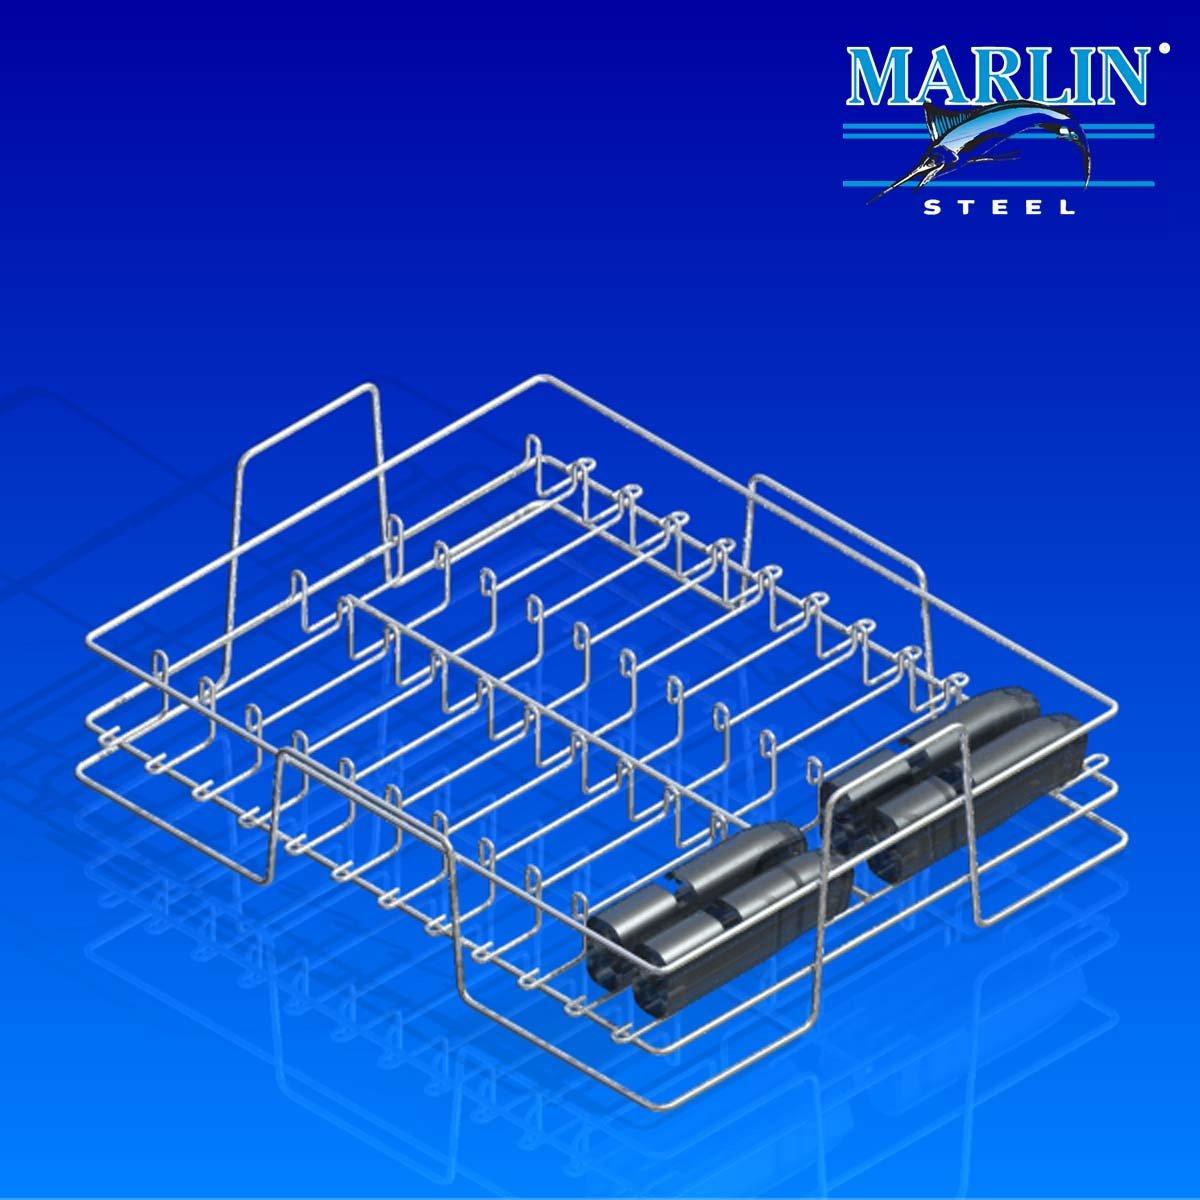 Marlin Steel Material Handling Basket 75001